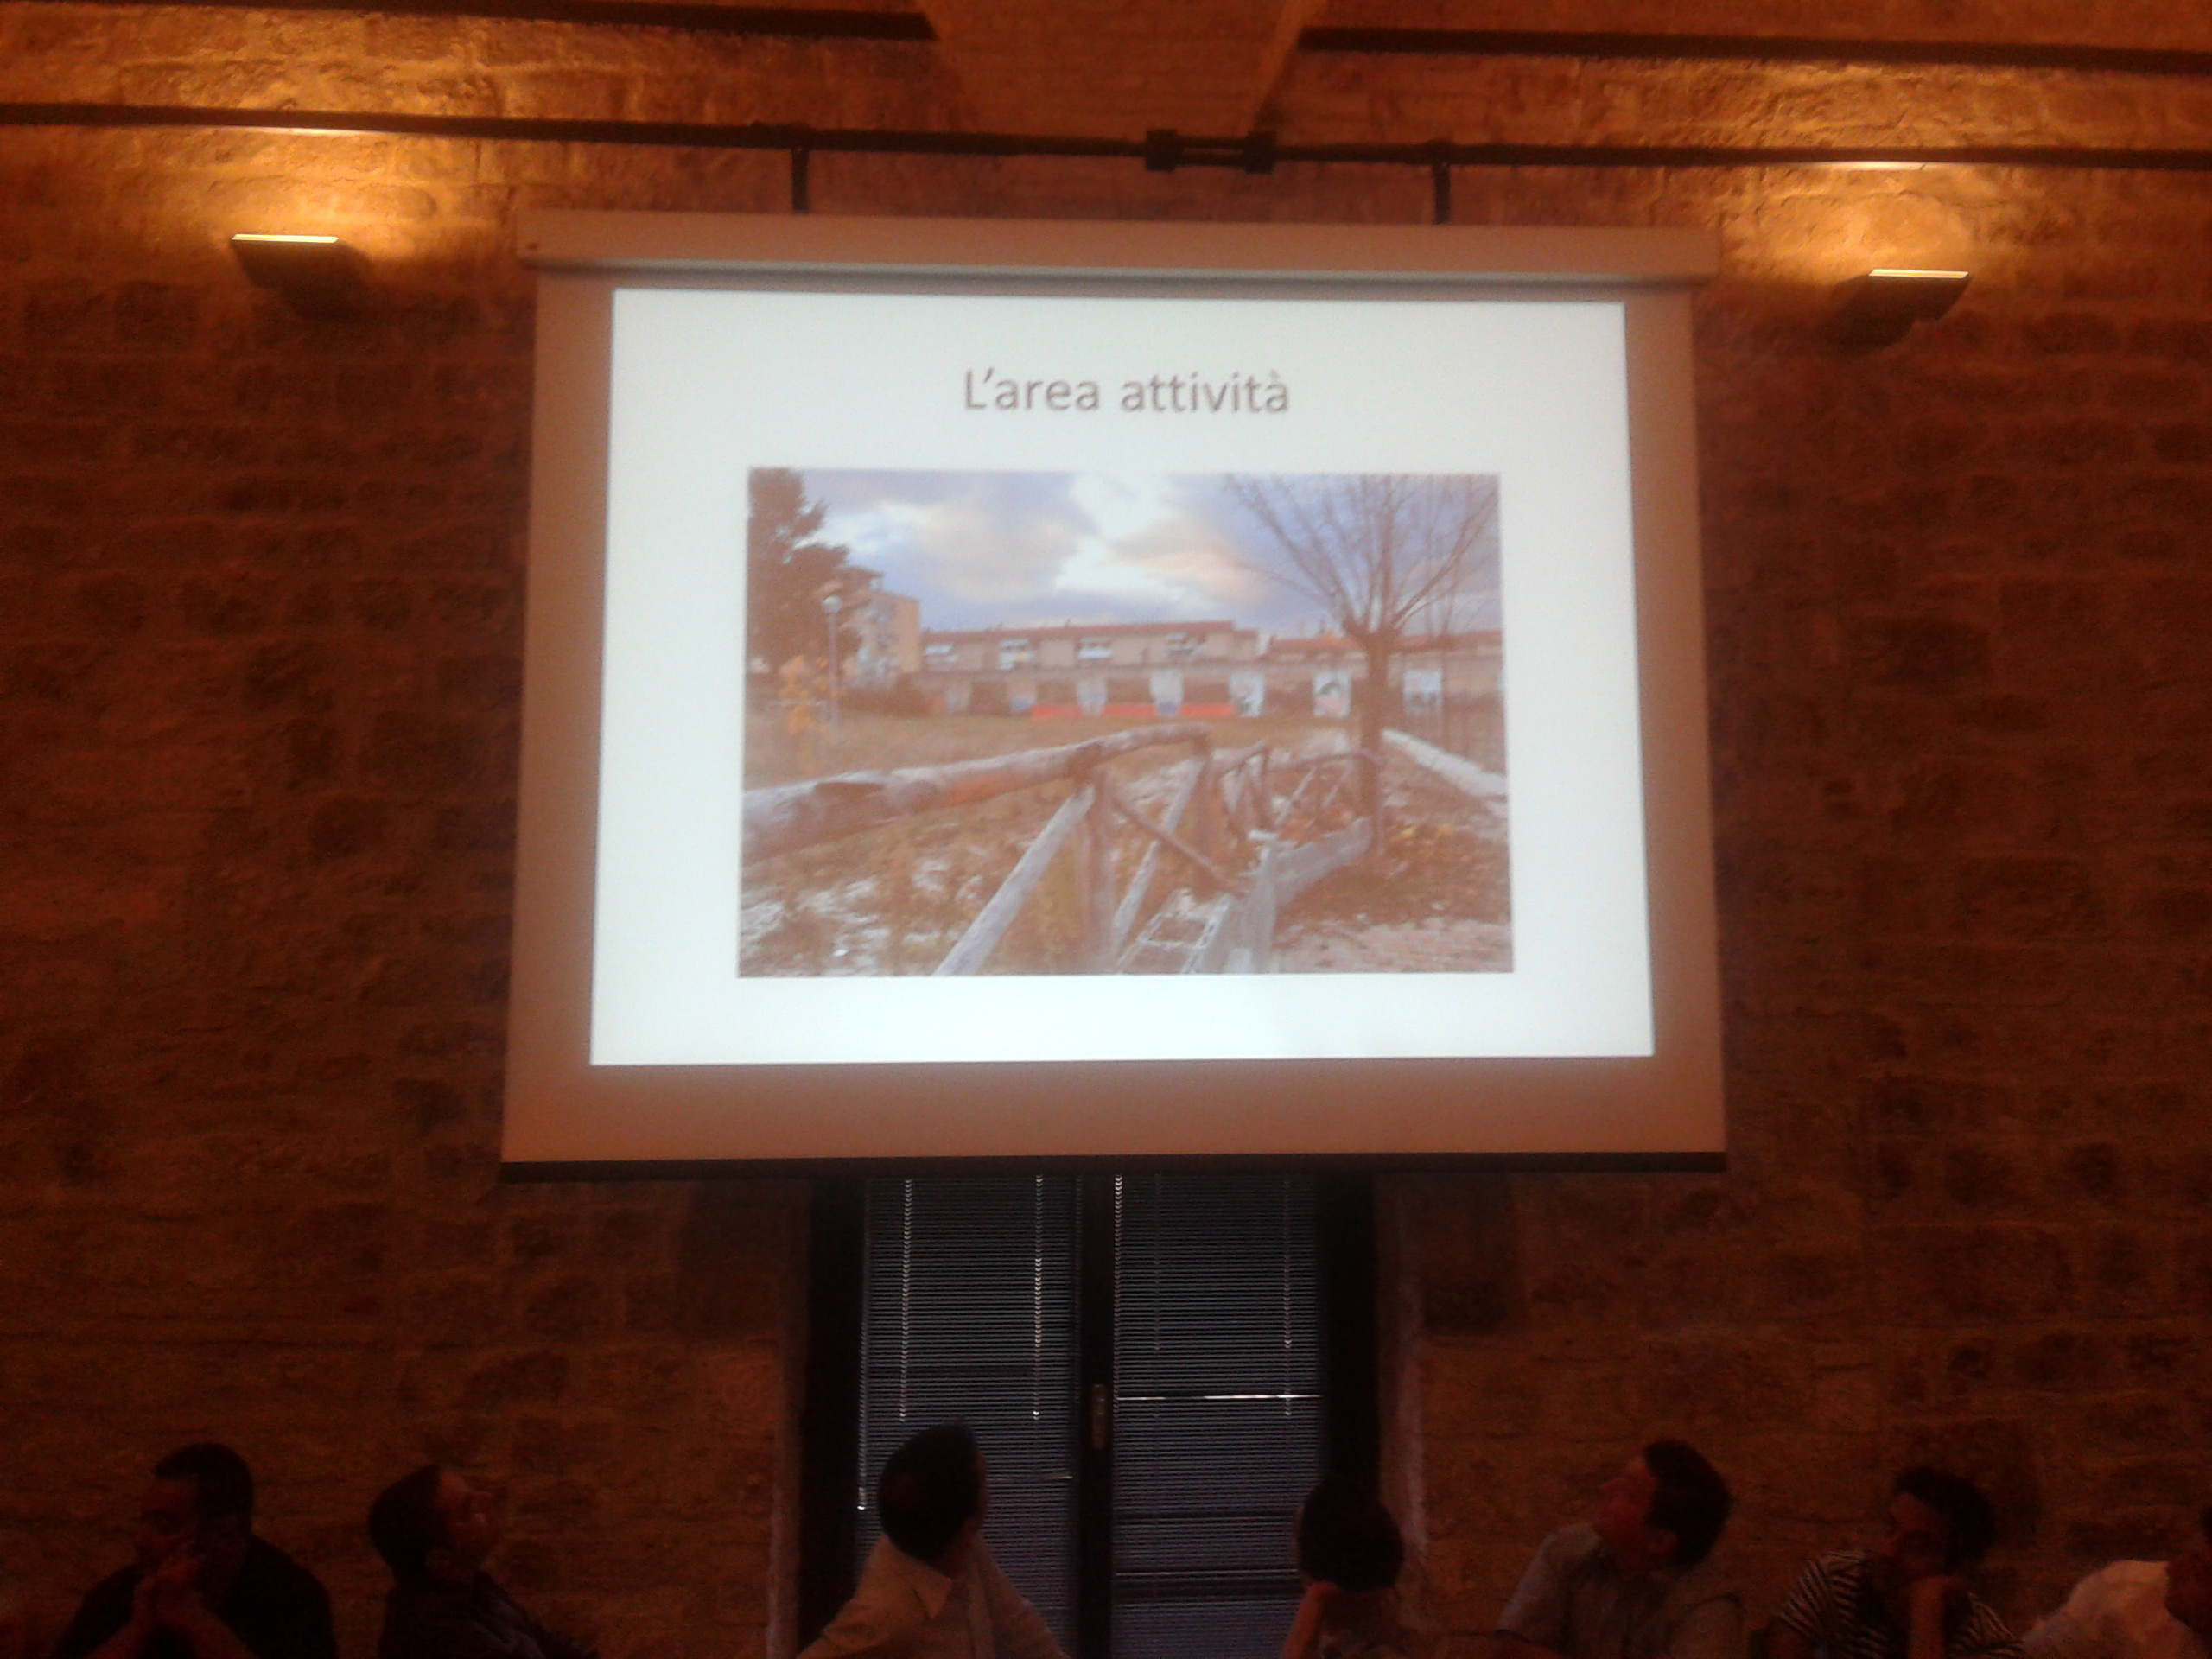 Una slide dell'inizio dei lavori